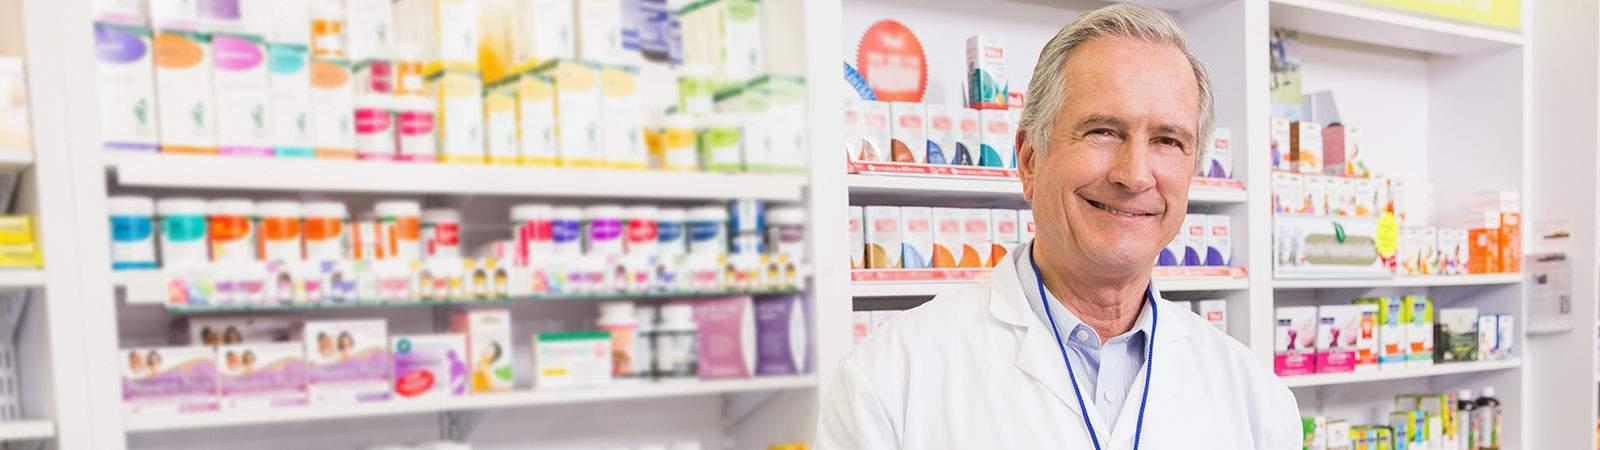 Imagen de Farmacias | Patricia Perdomo